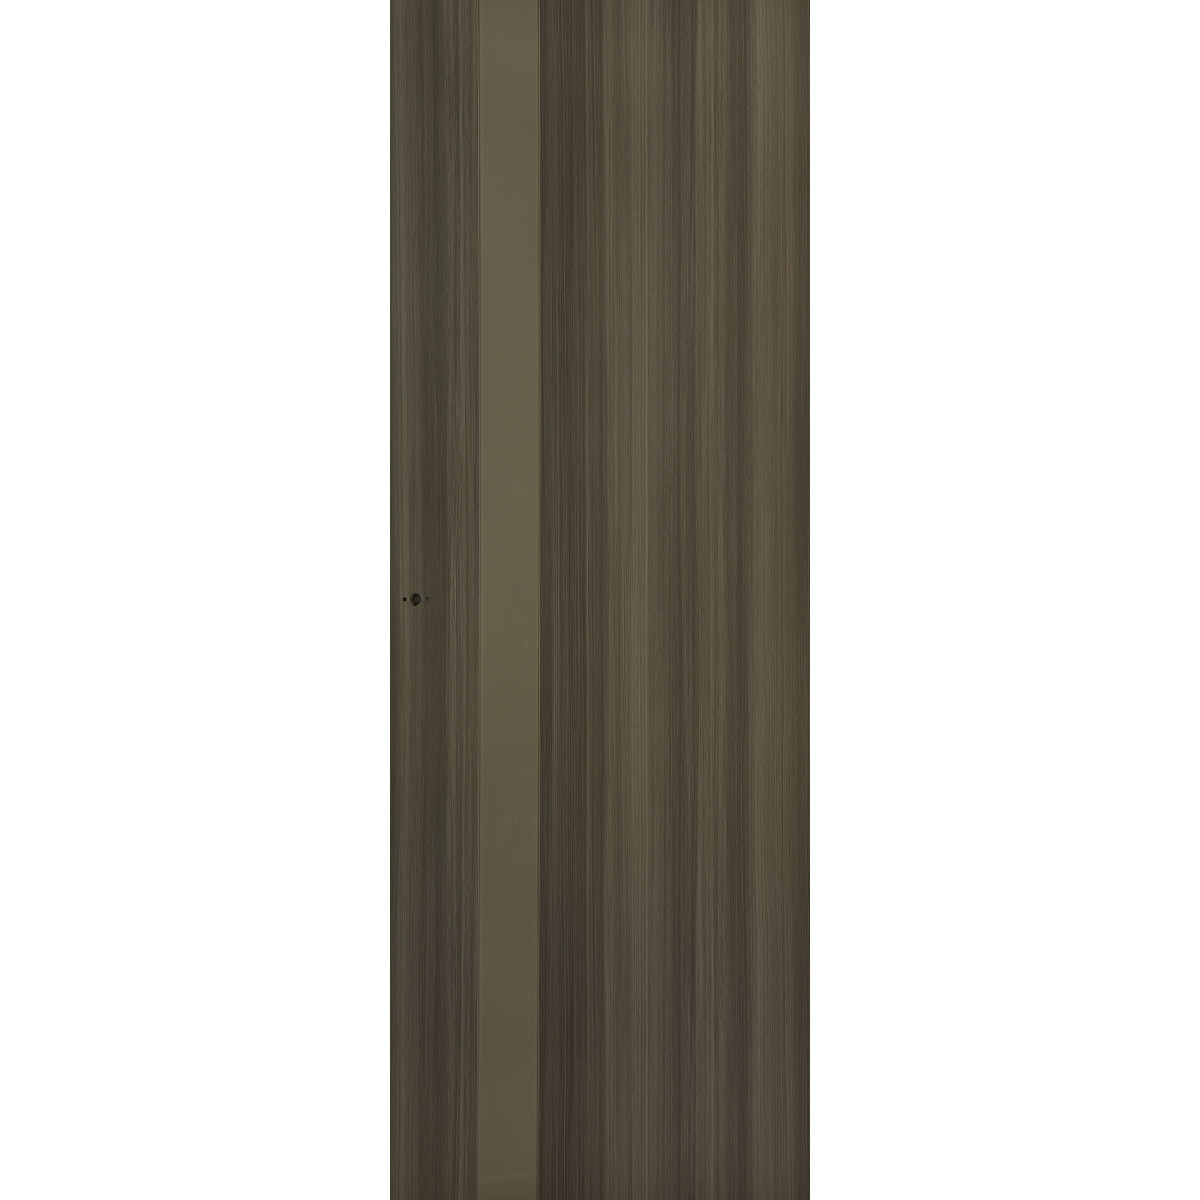 Дверь Межкомнатная Остеклённая Селена 200x70 Цвет Сандал